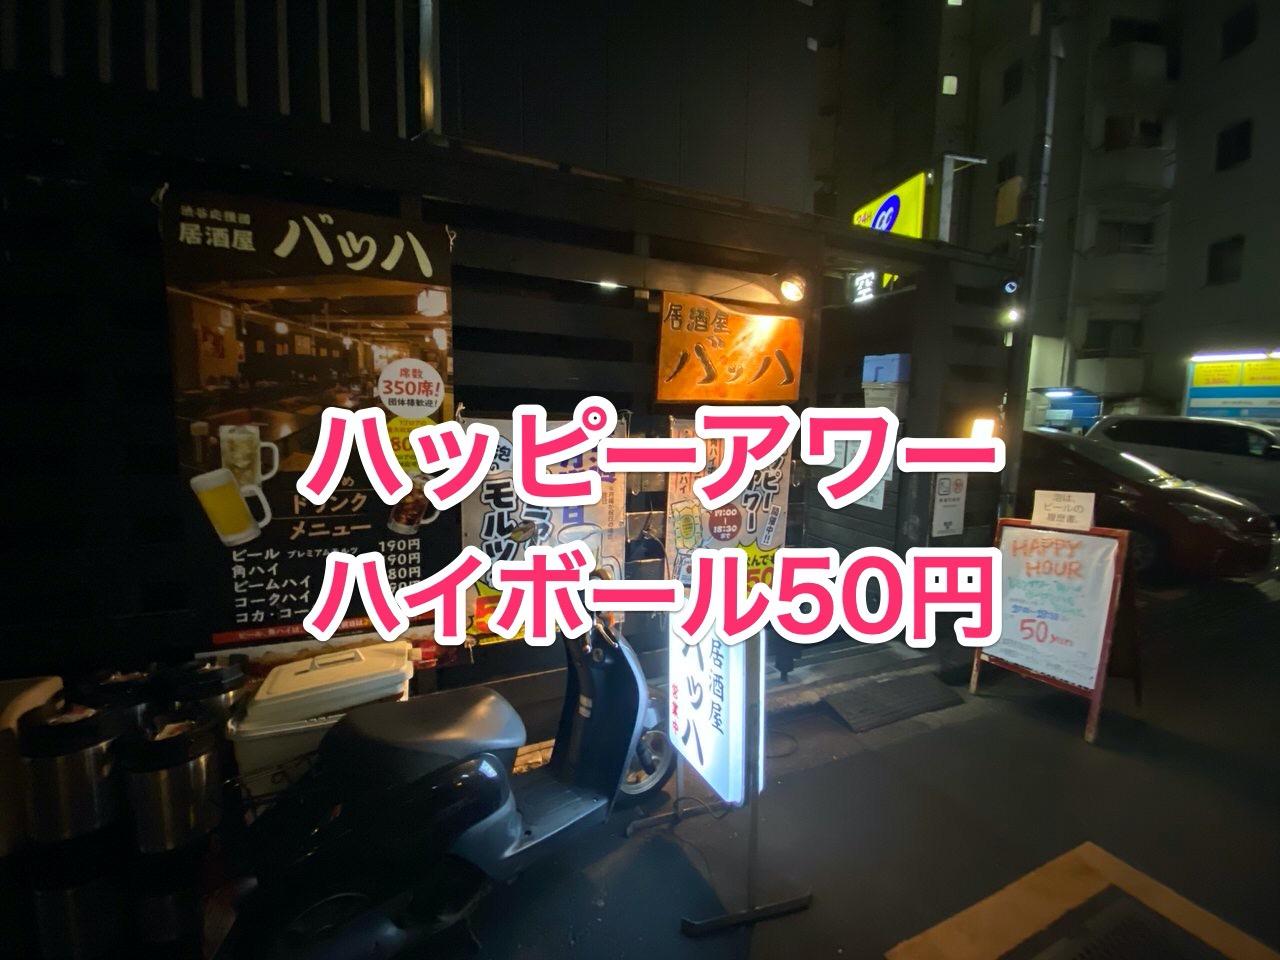 「居酒屋バッハ」ハッピーアワー角ハイボール50円の衝撃!と思ったらレモンサワー終日100円だった!(渋谷)